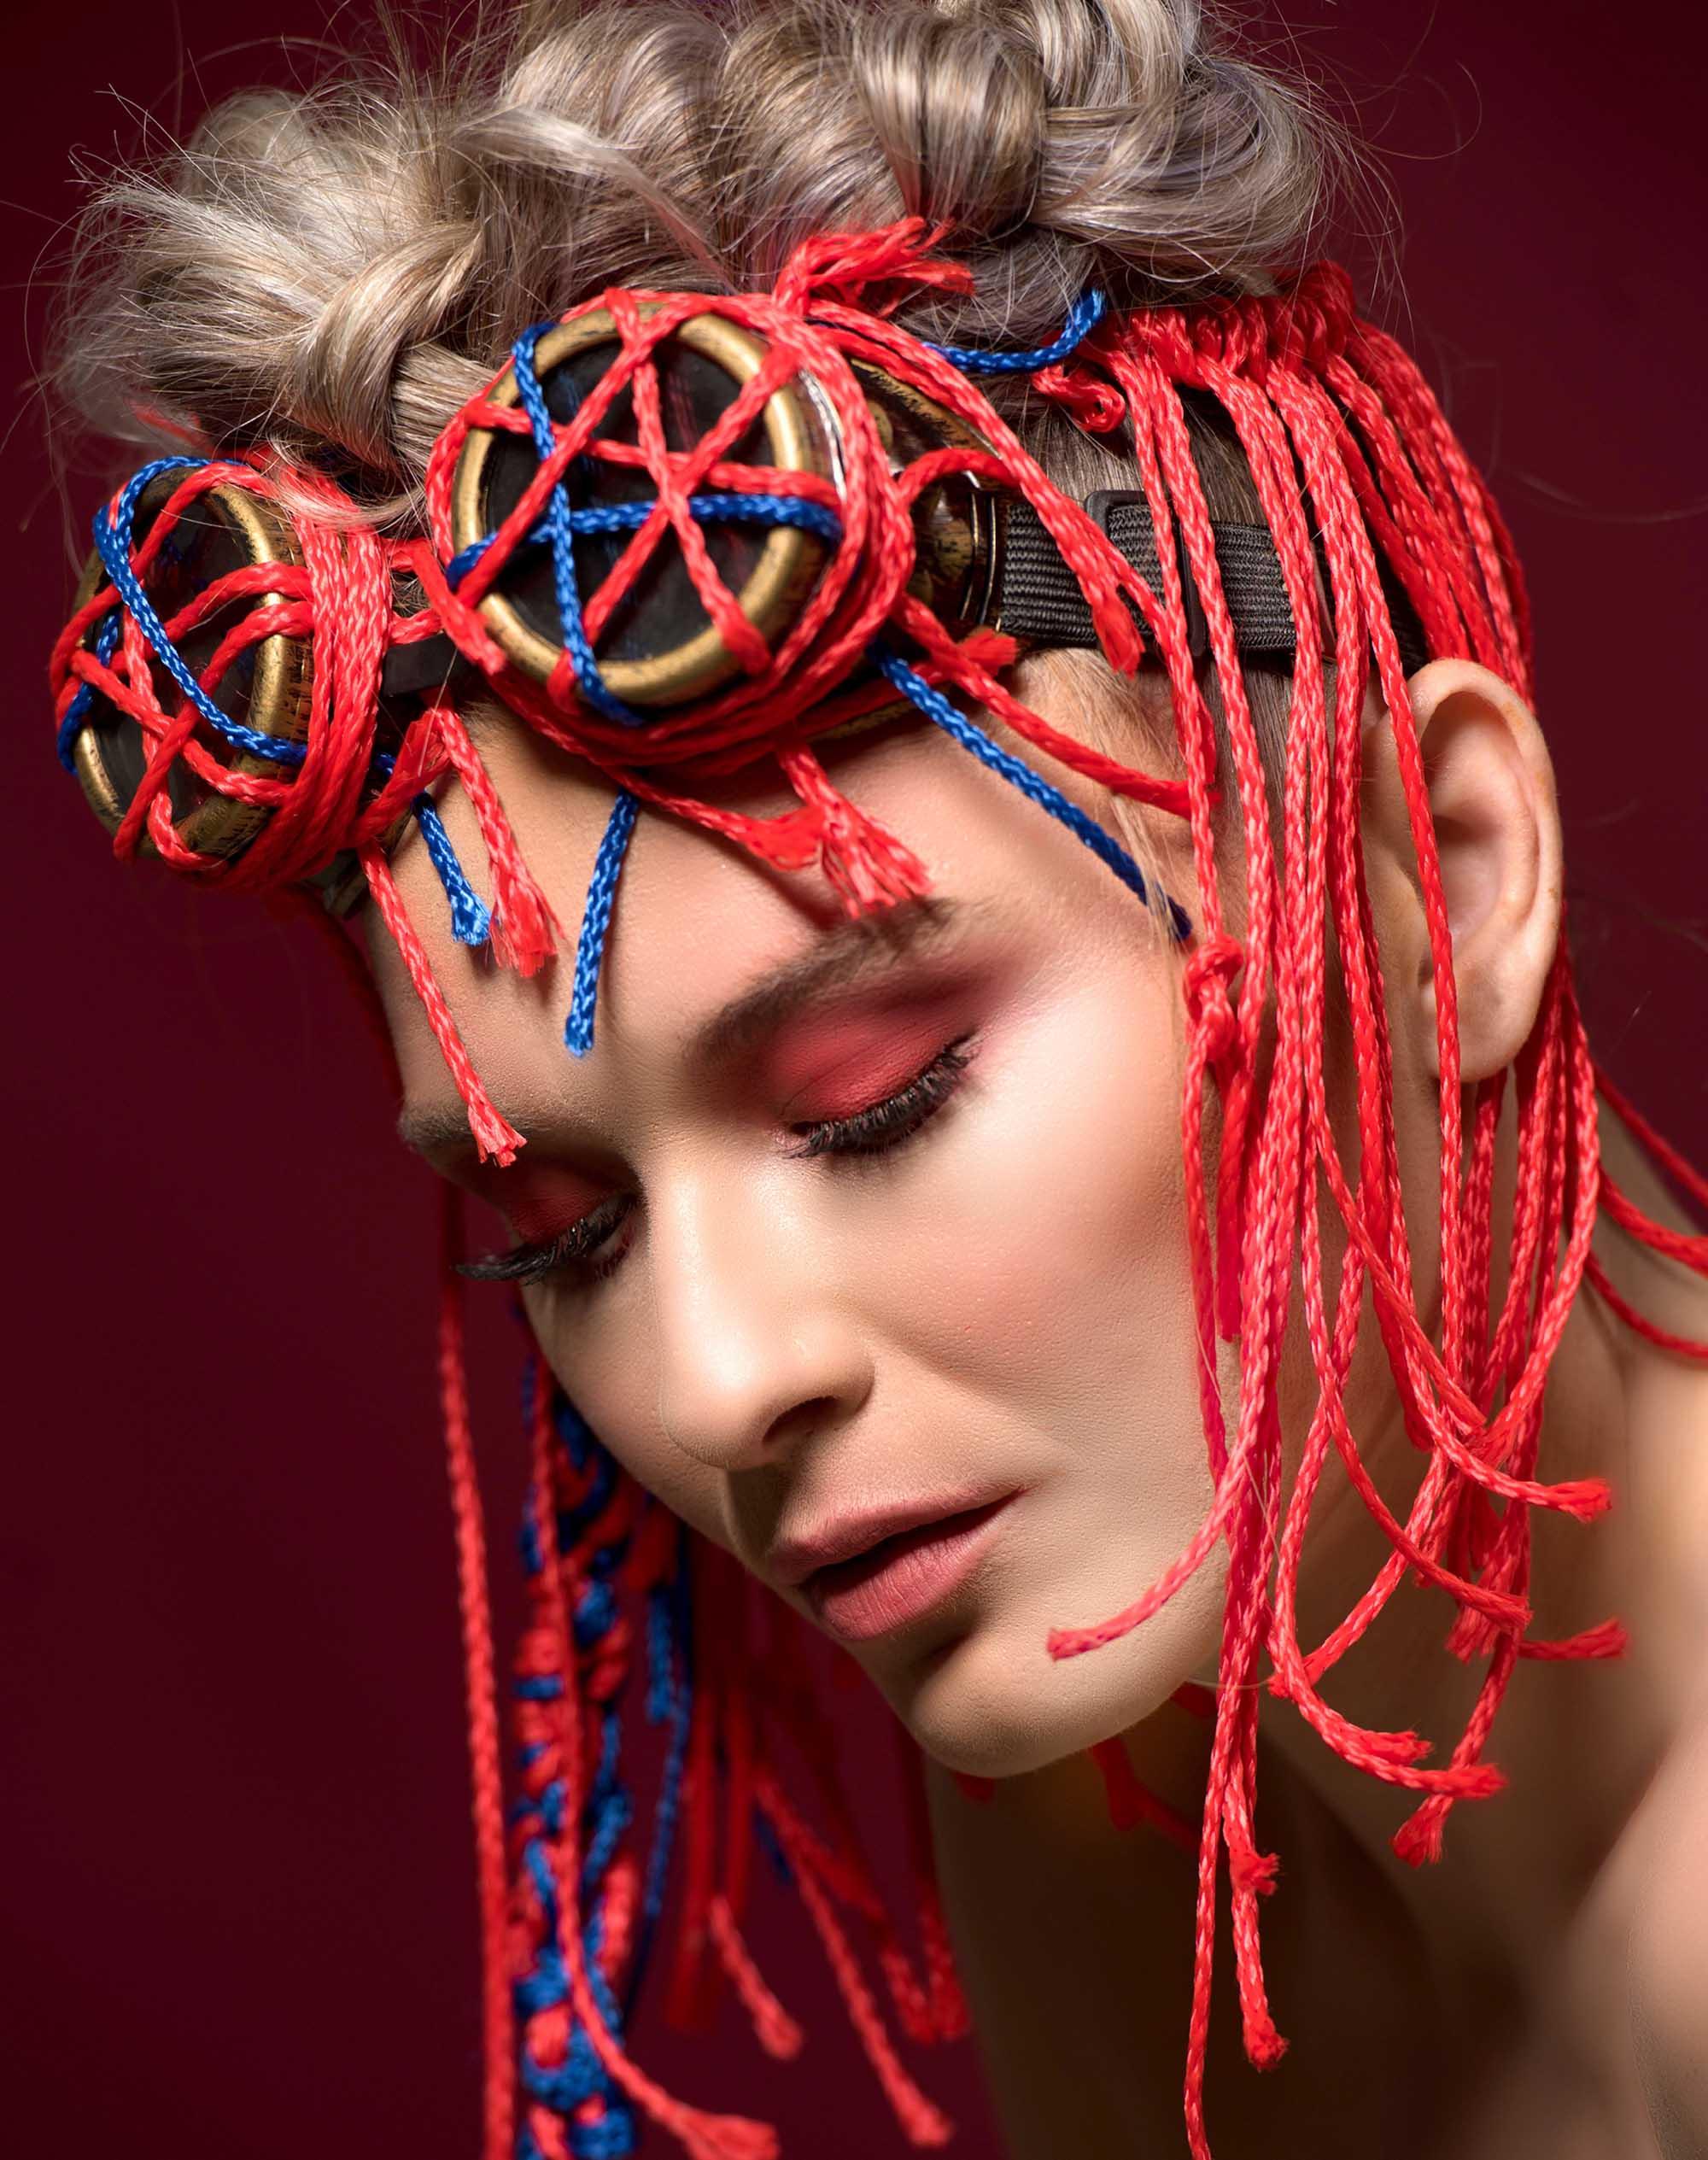 צילום: מני פל, סטיילינג וארט: ליז פלנסיה, עיצוב שיער: שרון פור, איפור: נתנאל טל, דוגמנית: סופה רוזן, עוזרת סטייליניג: אתי פלנסיה, - Fashion Israel - 2020 חדשות אופנה 2020, כתבות אופנה 2020, טרנדים 2020, מגזין אופנה ישראלי, אופנה - 4